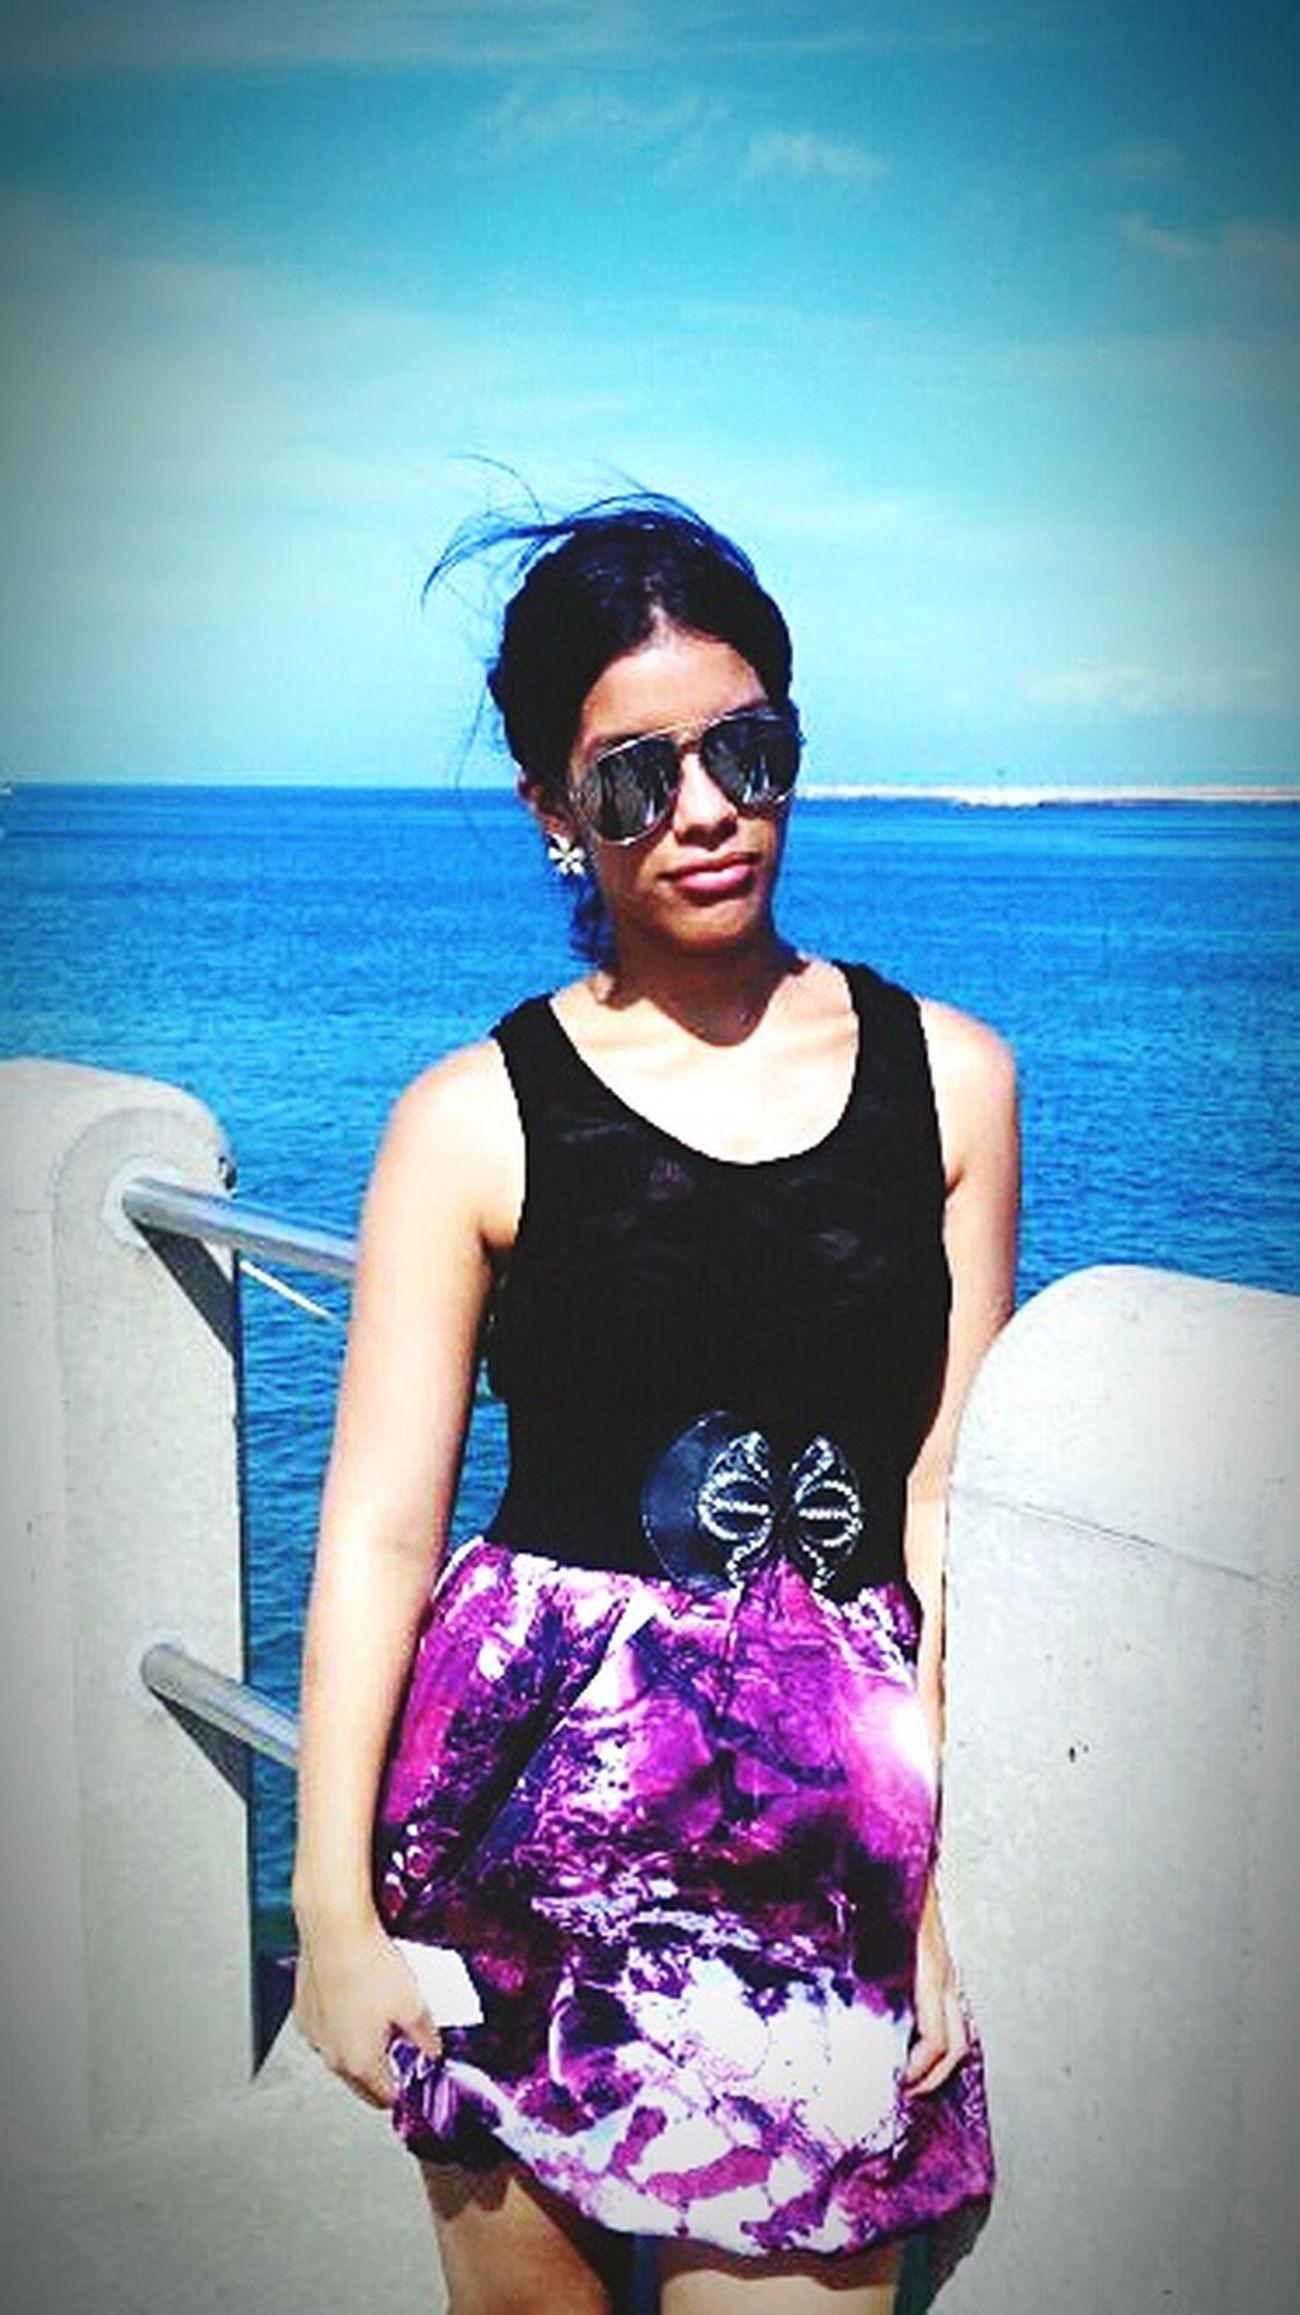 Summer2014 Life Is A Beach Feeling The Sun with my taaaaaaaaaaan heehee